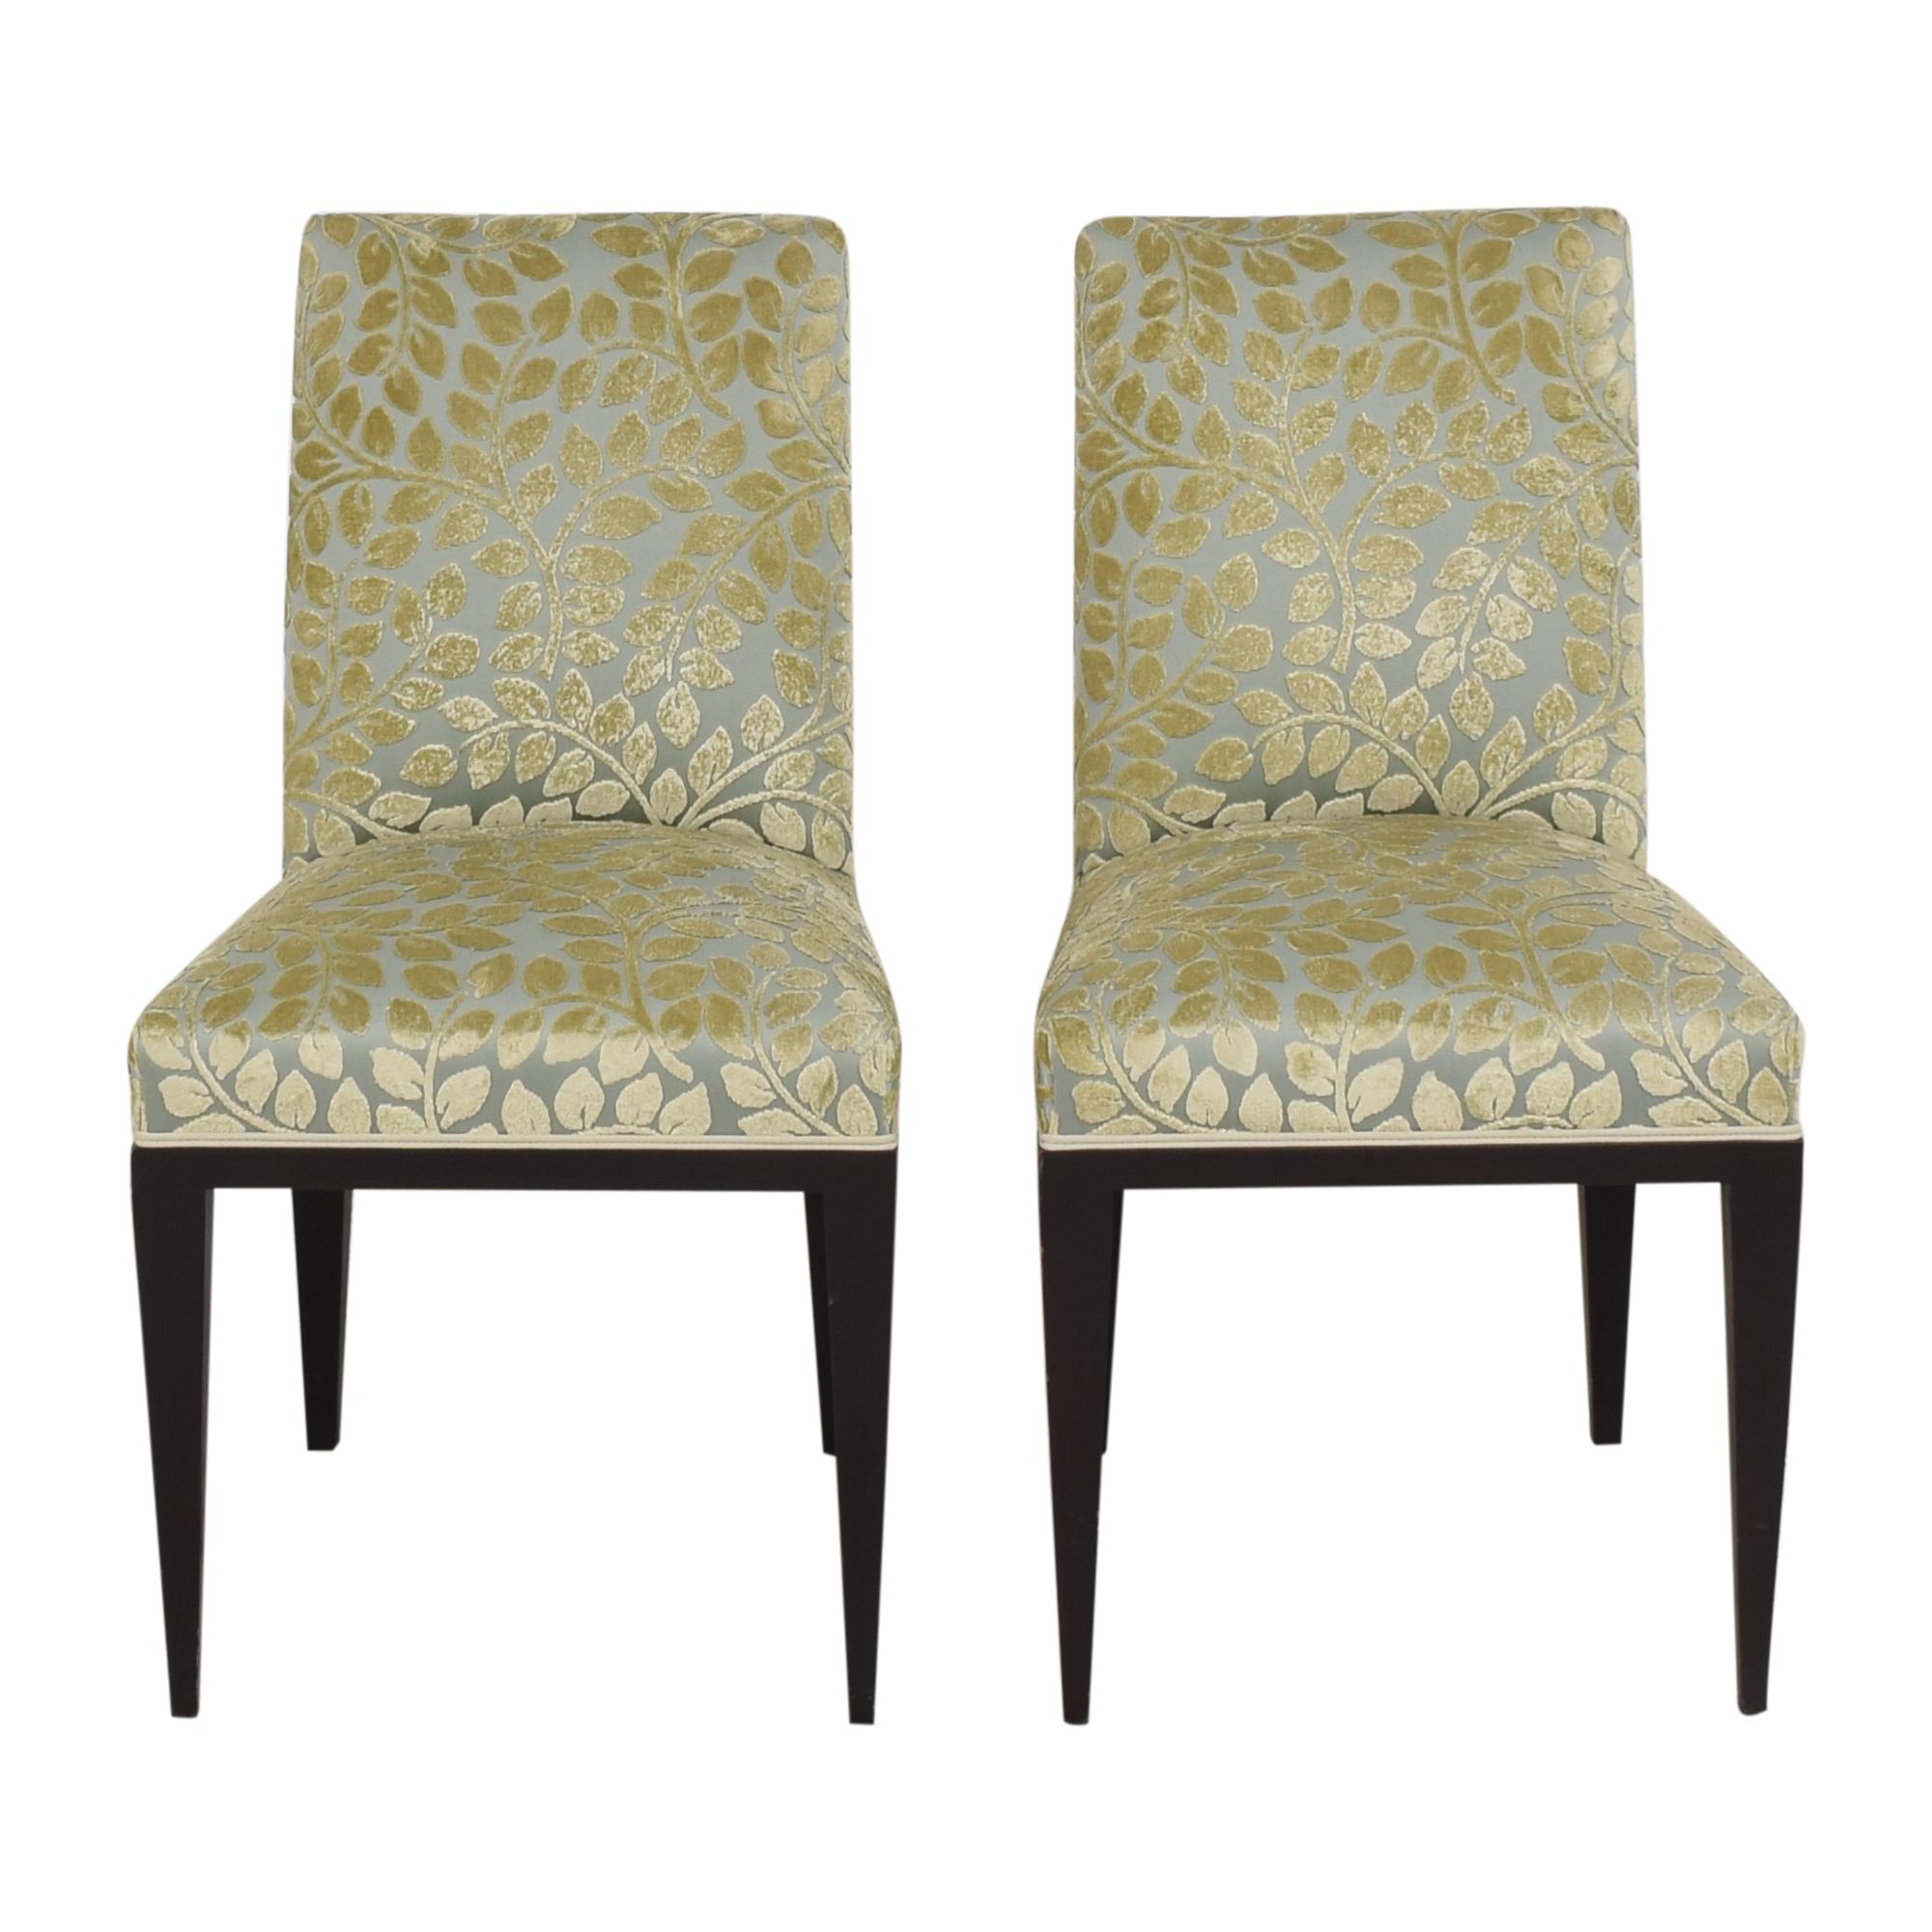 Mattaliano Mattaliano Flea Market #1 Dining Side Chairs